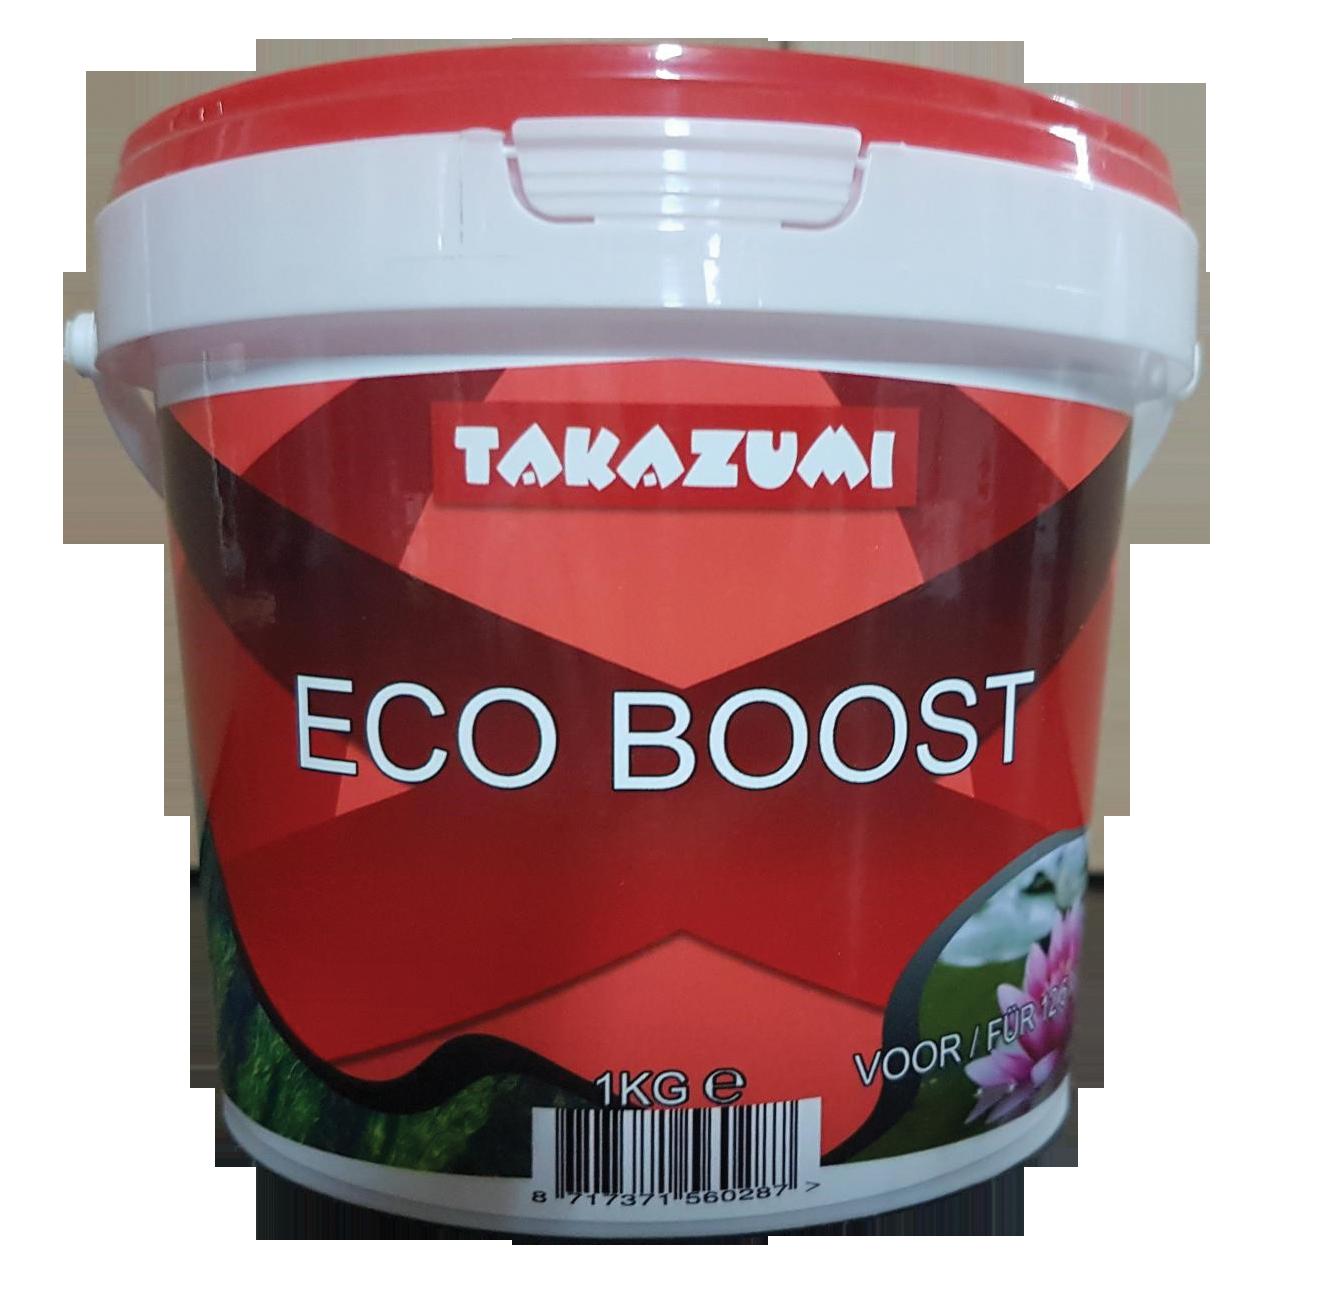 Eco Boost - 1 Kilo | Takazumi